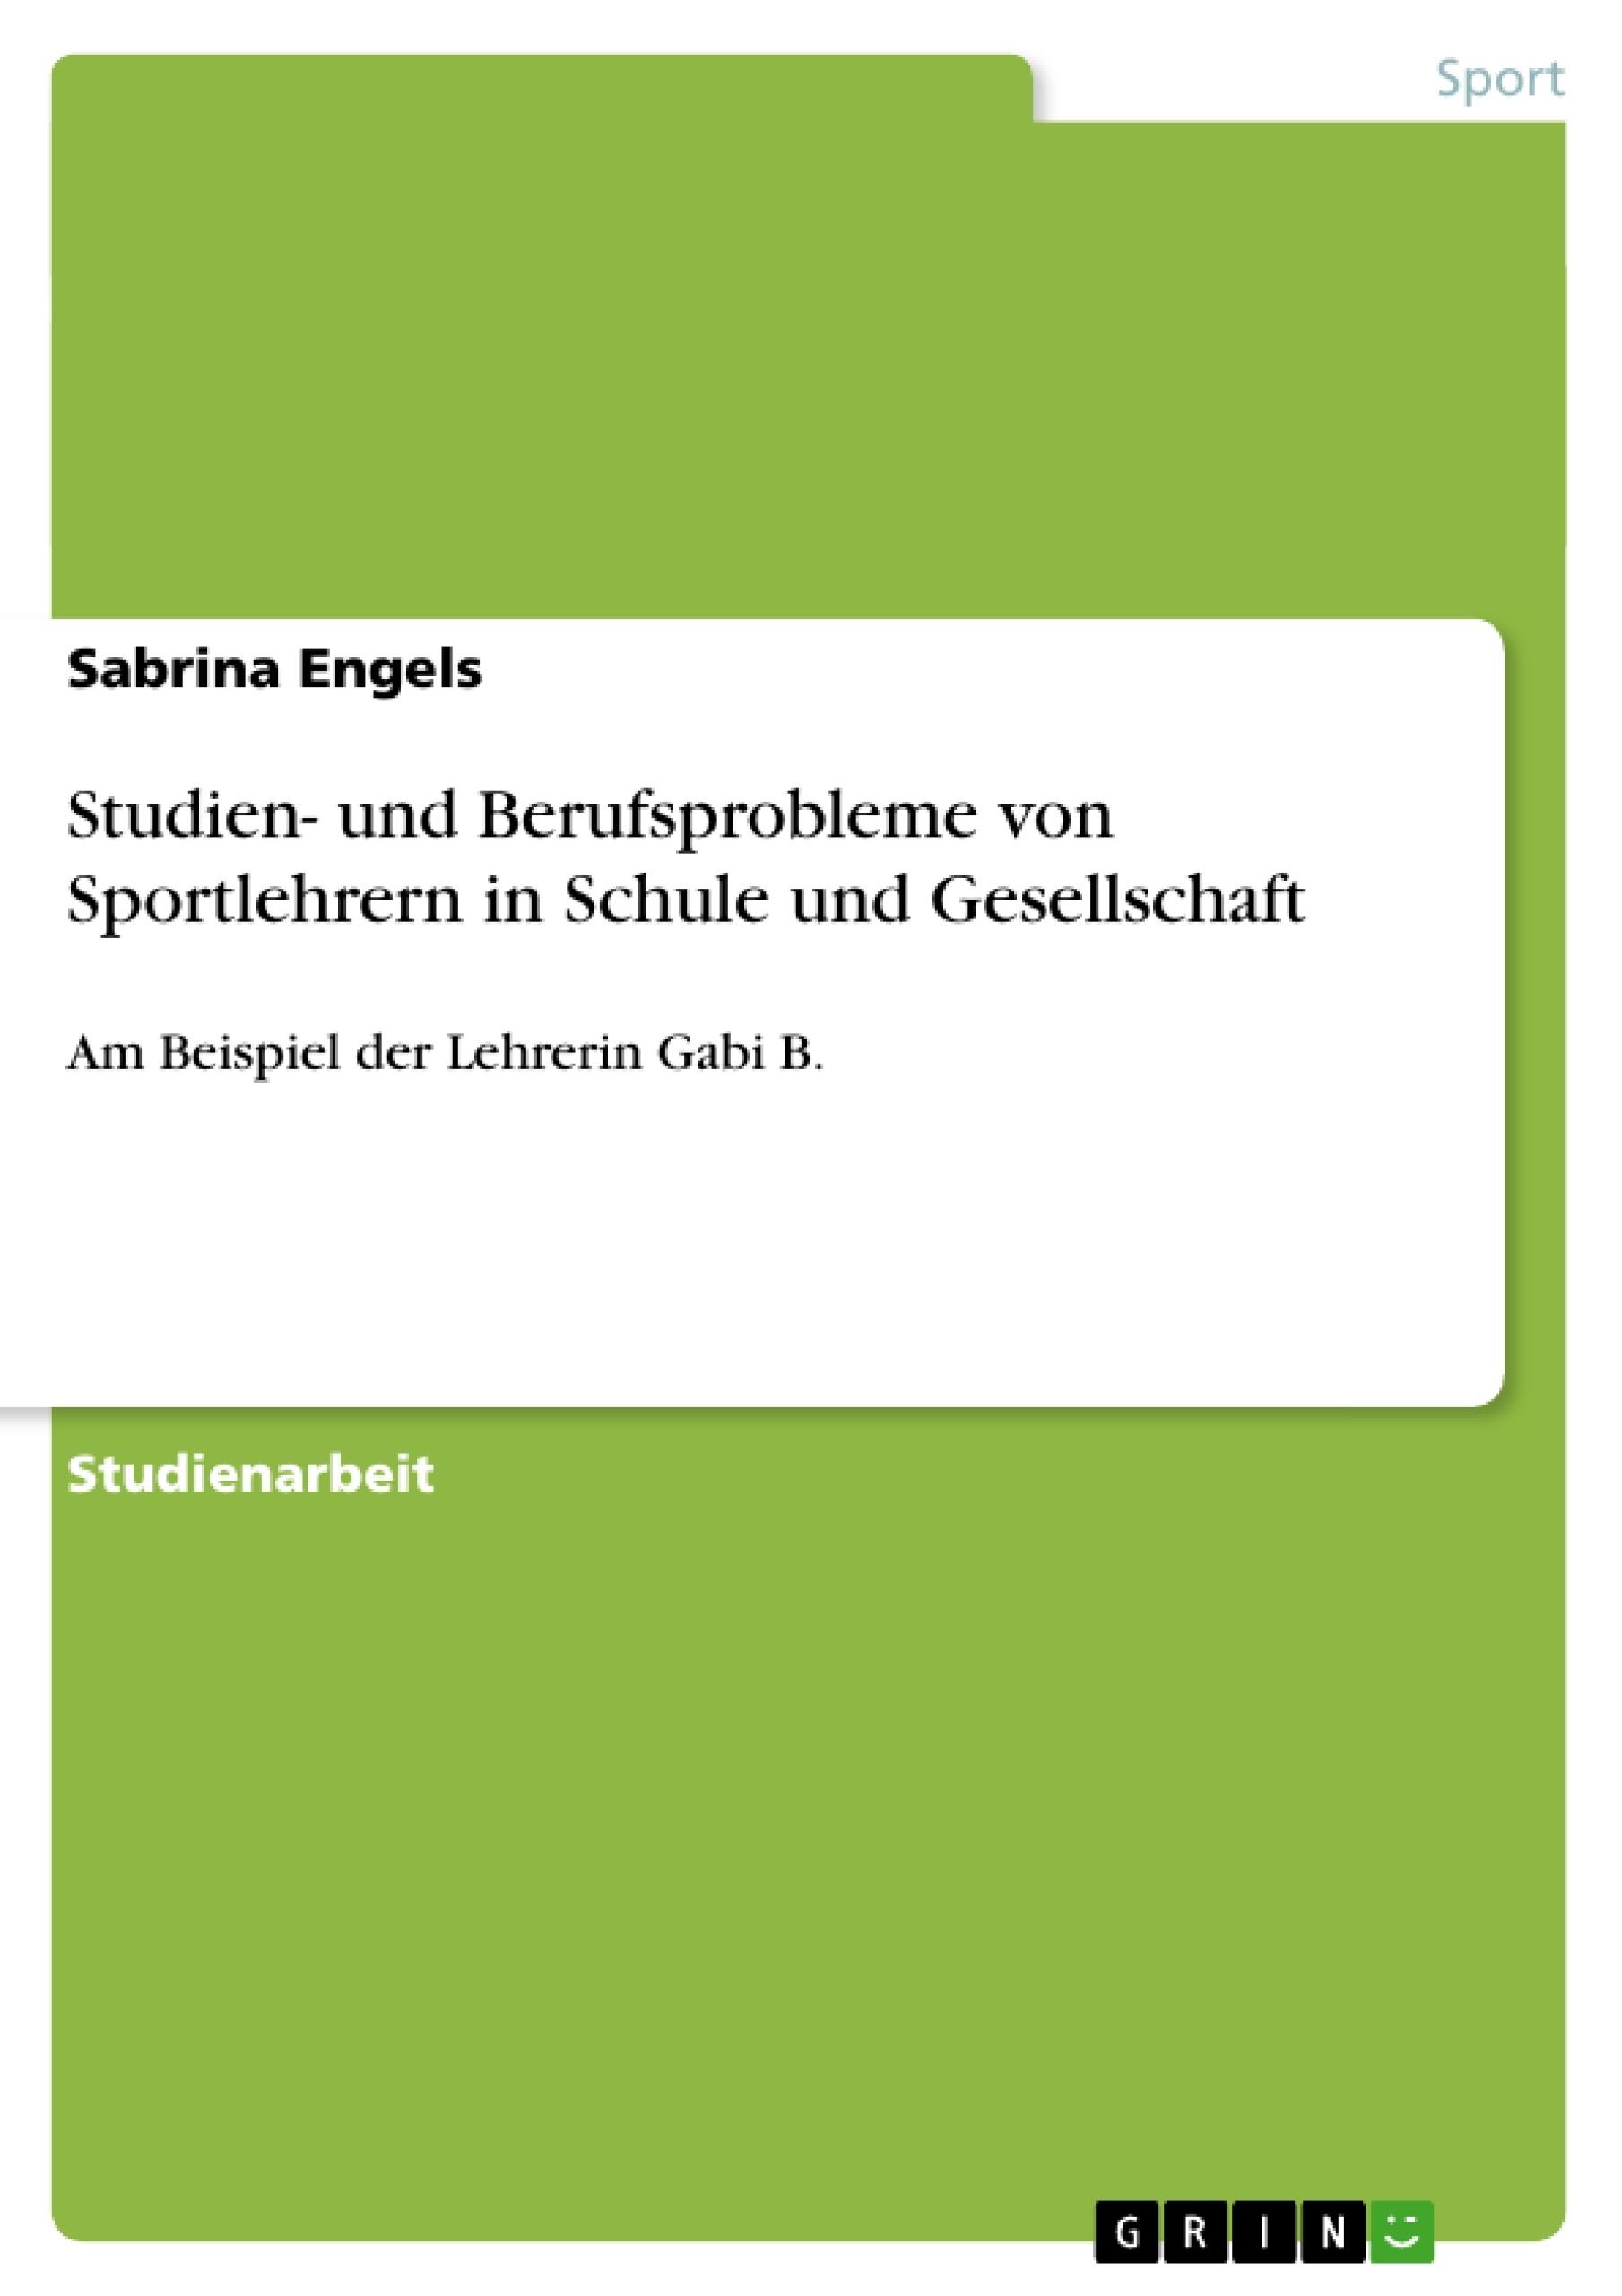 Titel: Studien- und Berufsprobleme von Sportlehrern in Schule und Gesellschaft